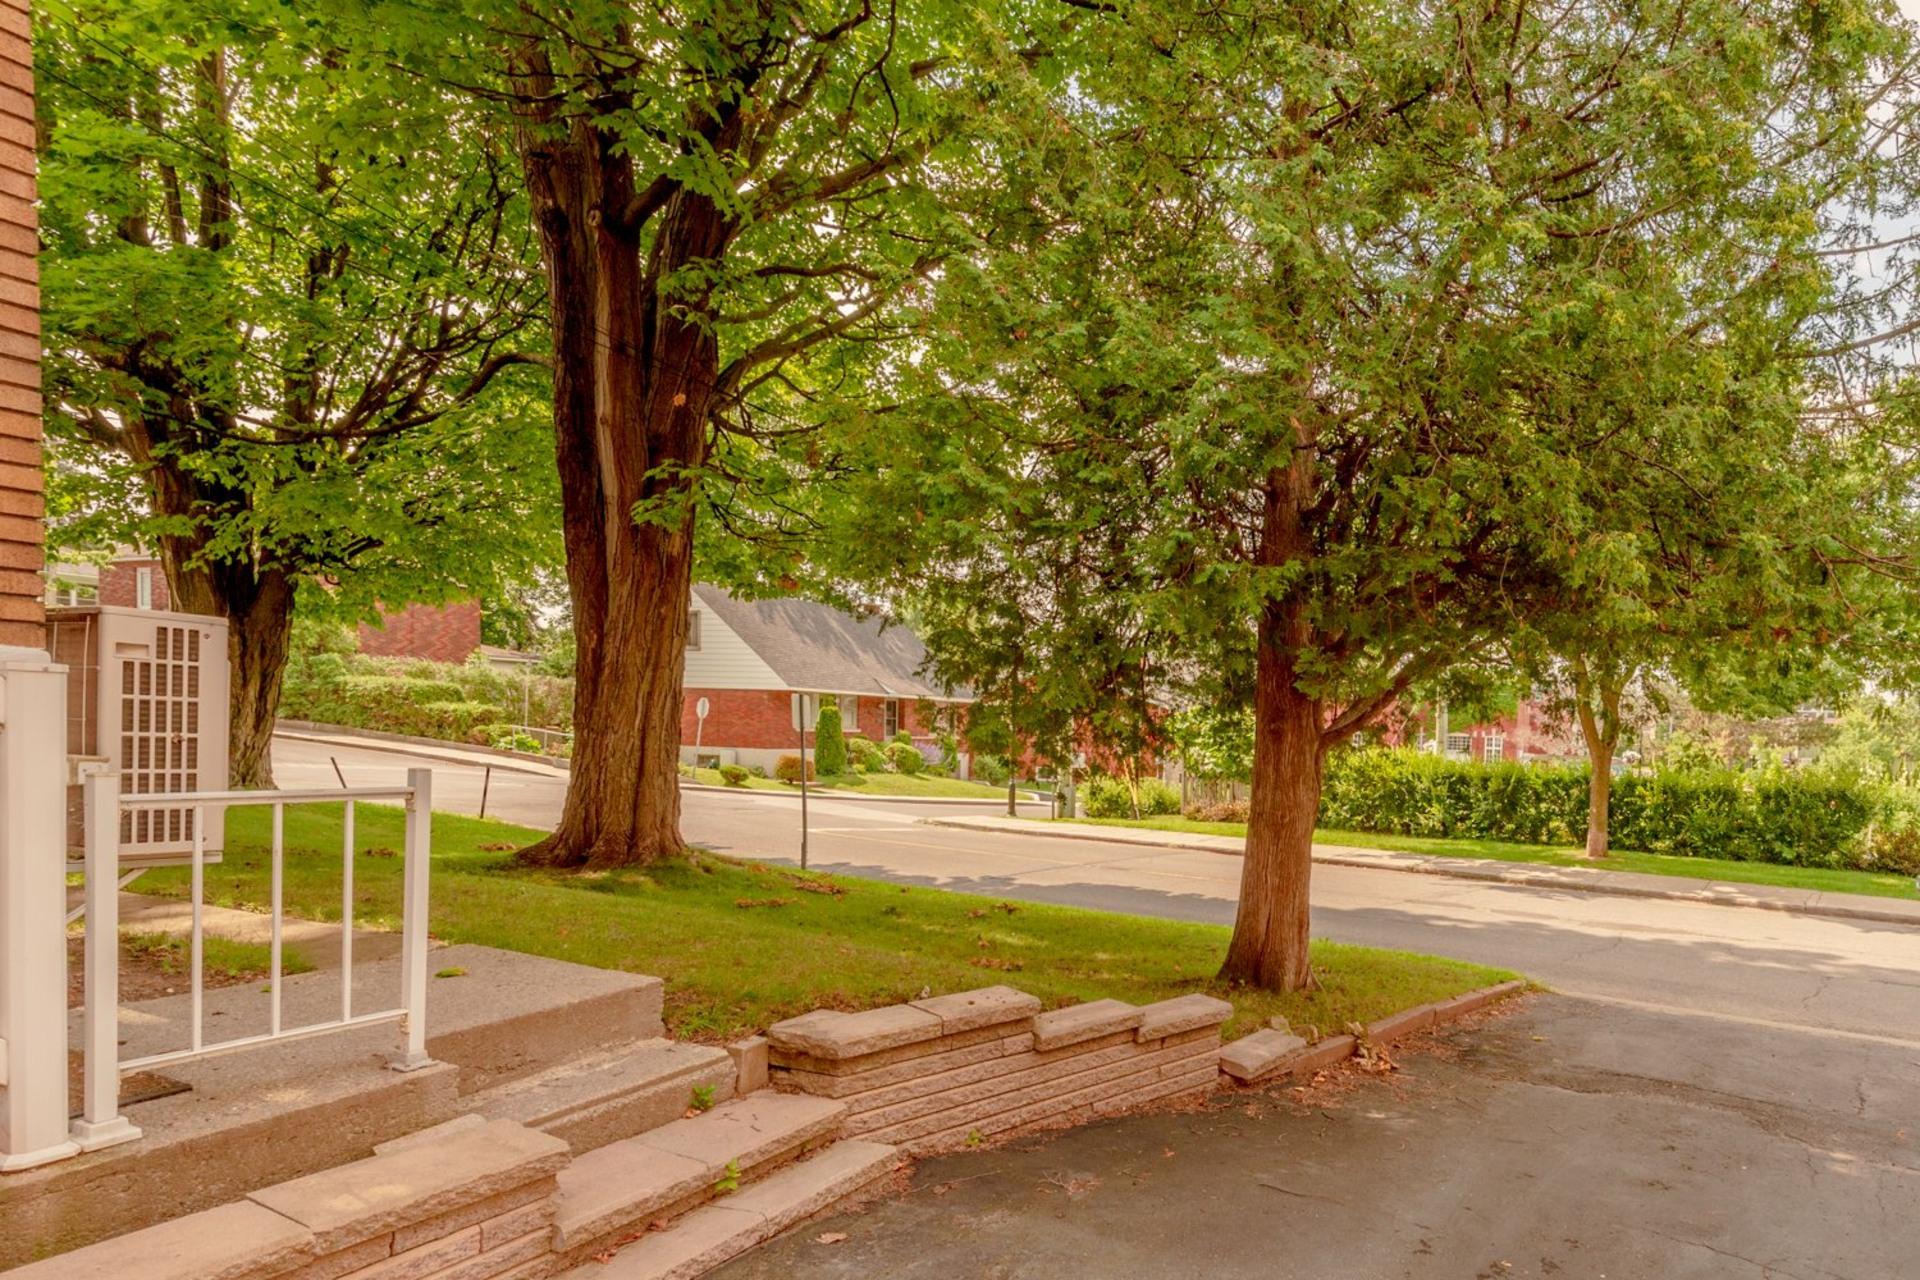 image 22 - Duplex For sale Sainte-Anne-de-Bellevue - 6 rooms